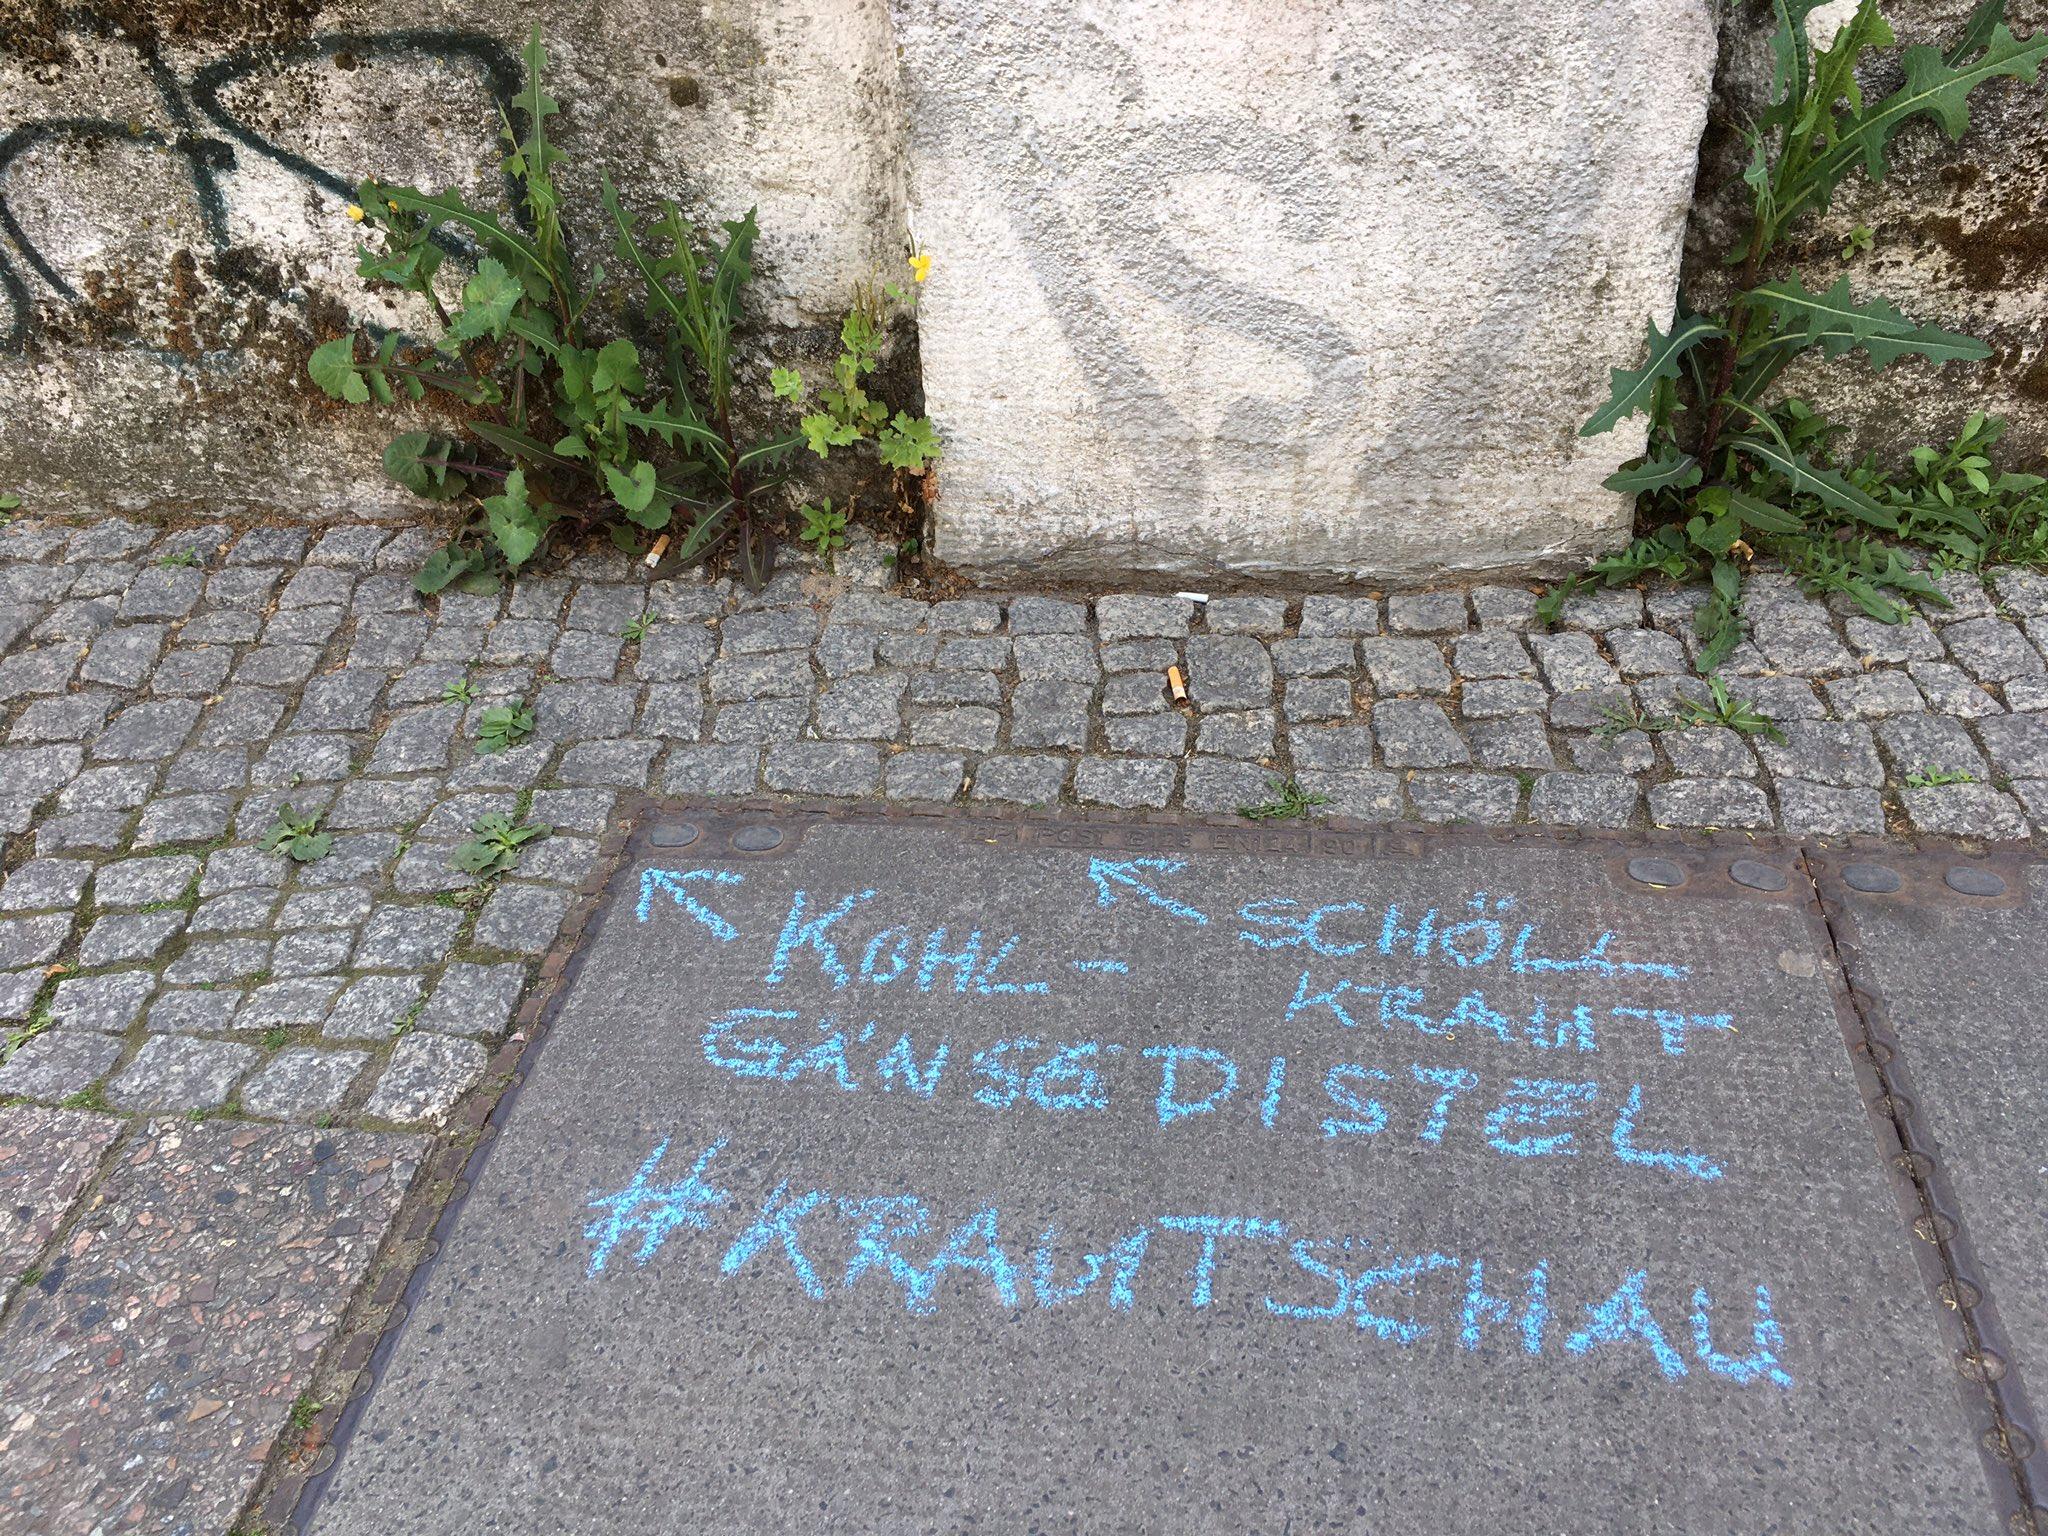 #Krautschau #Meeralsunkraut #Morethenweeds